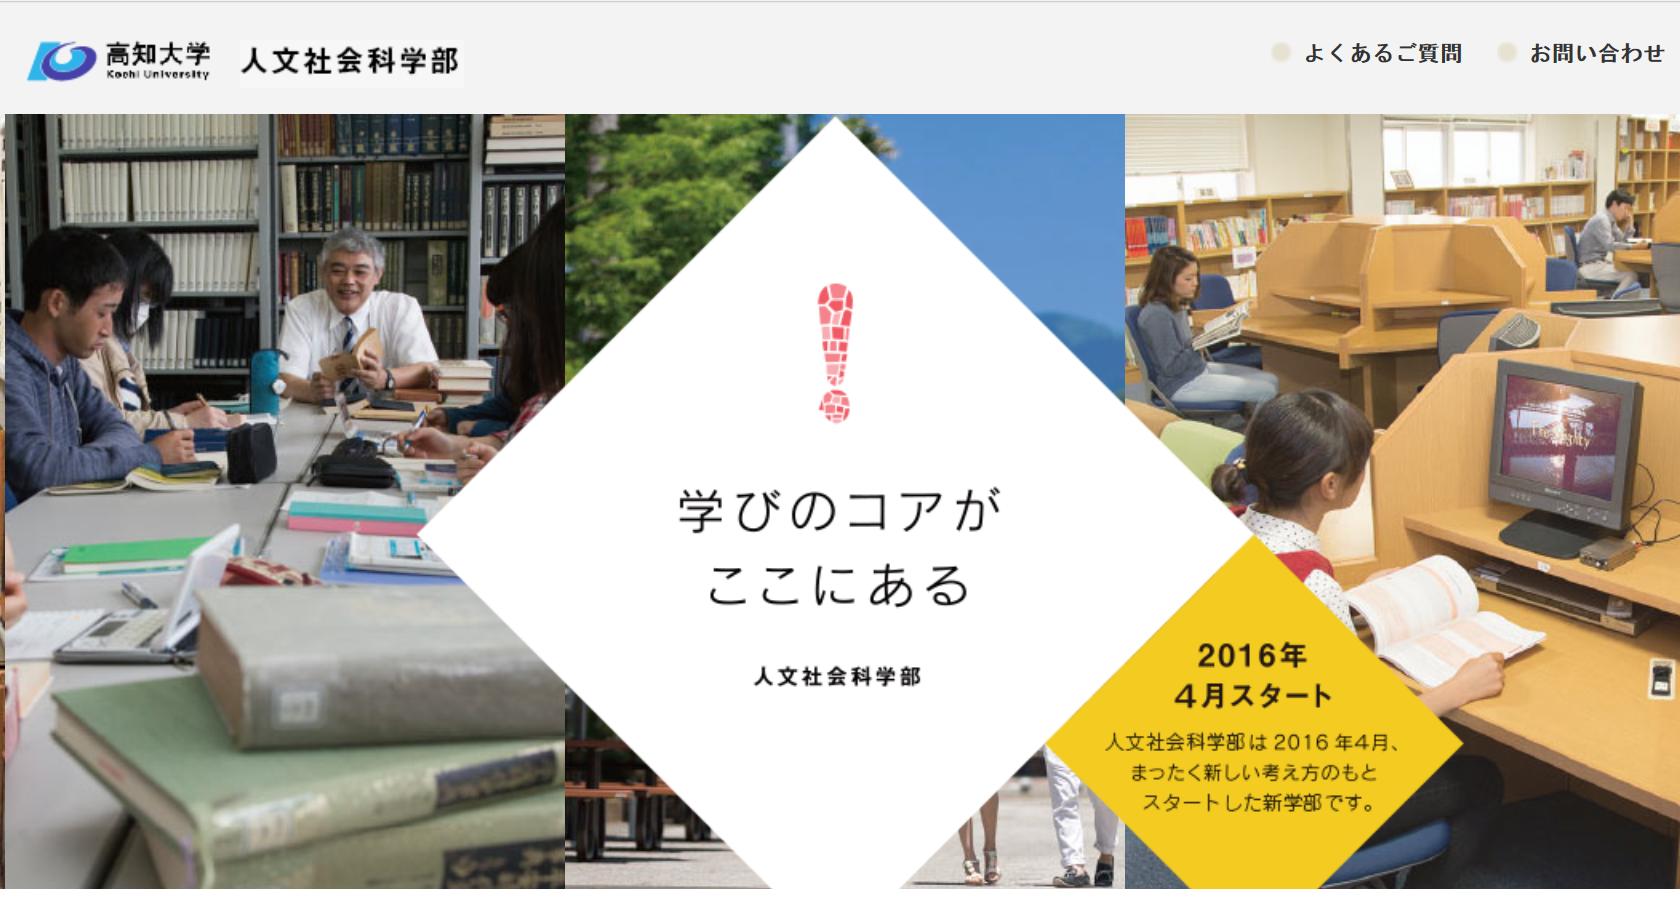 高知大学の評判・口コミ【人文社会科学部編】